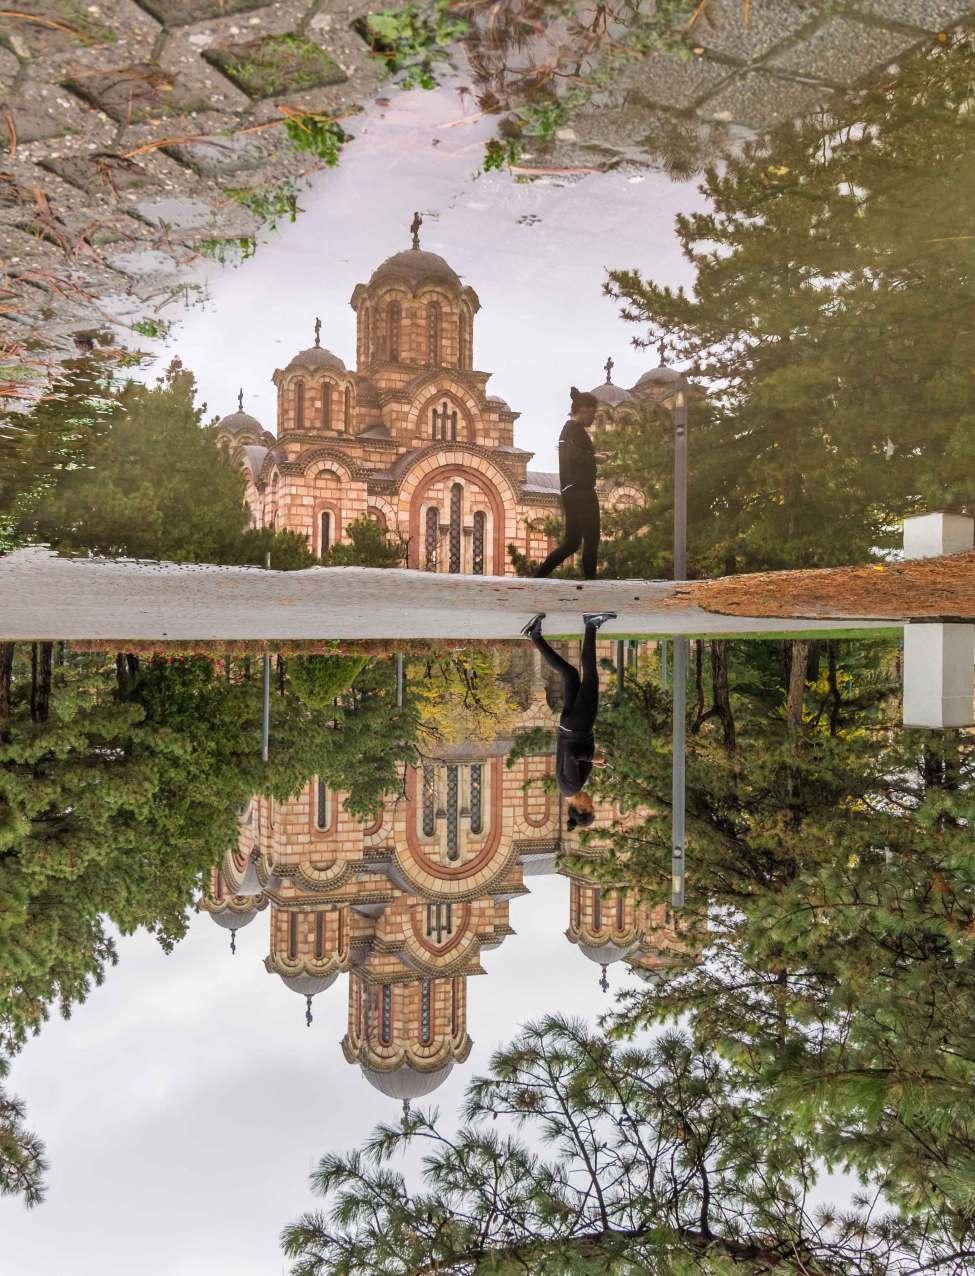 St. Mark's Church Reflection